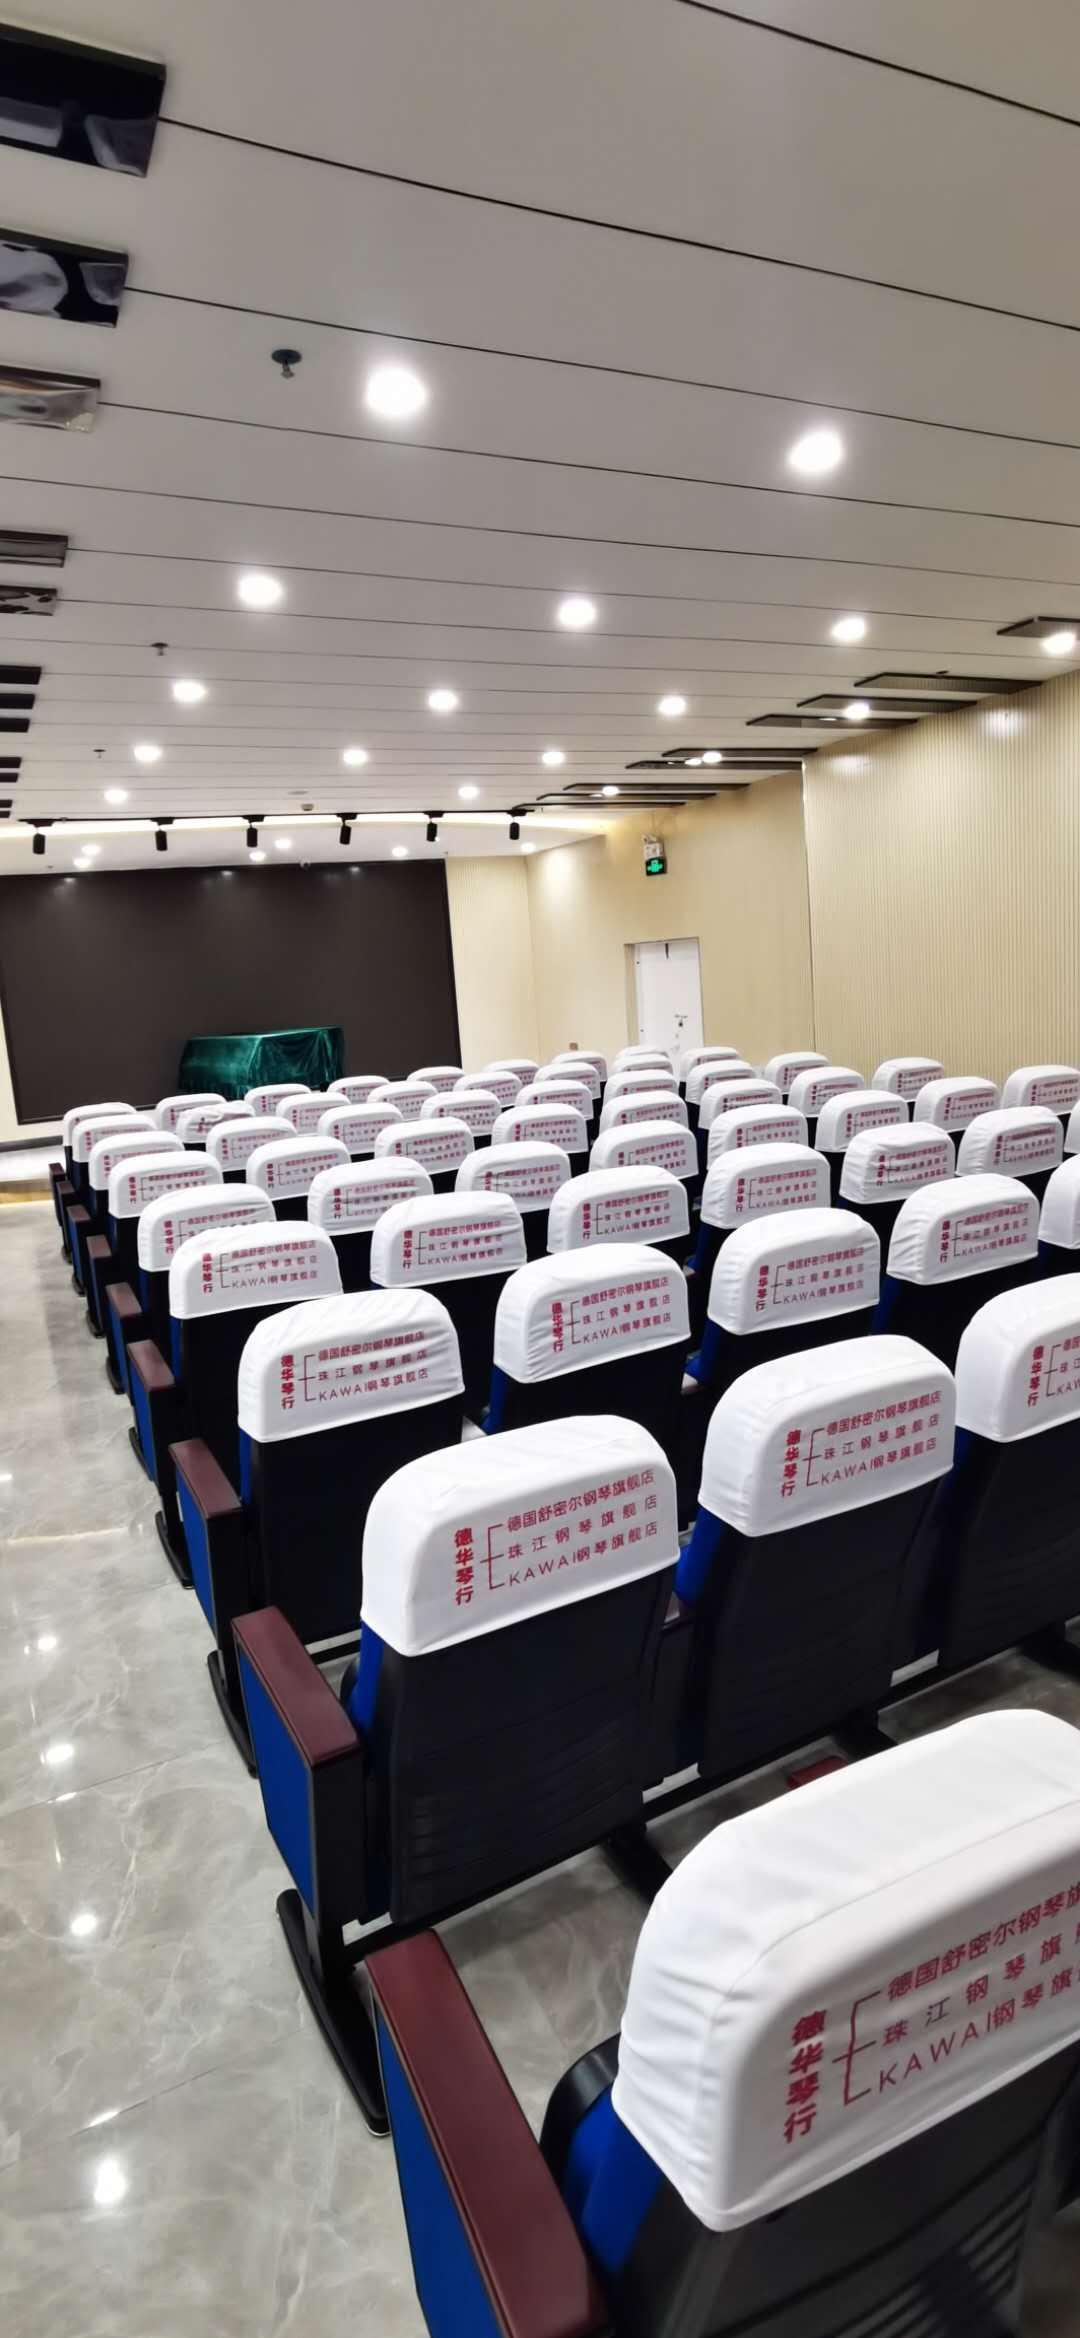 新疆德国舒密尔钢琴批发厂家-阿勒泰德国舒密尔钢琴制造